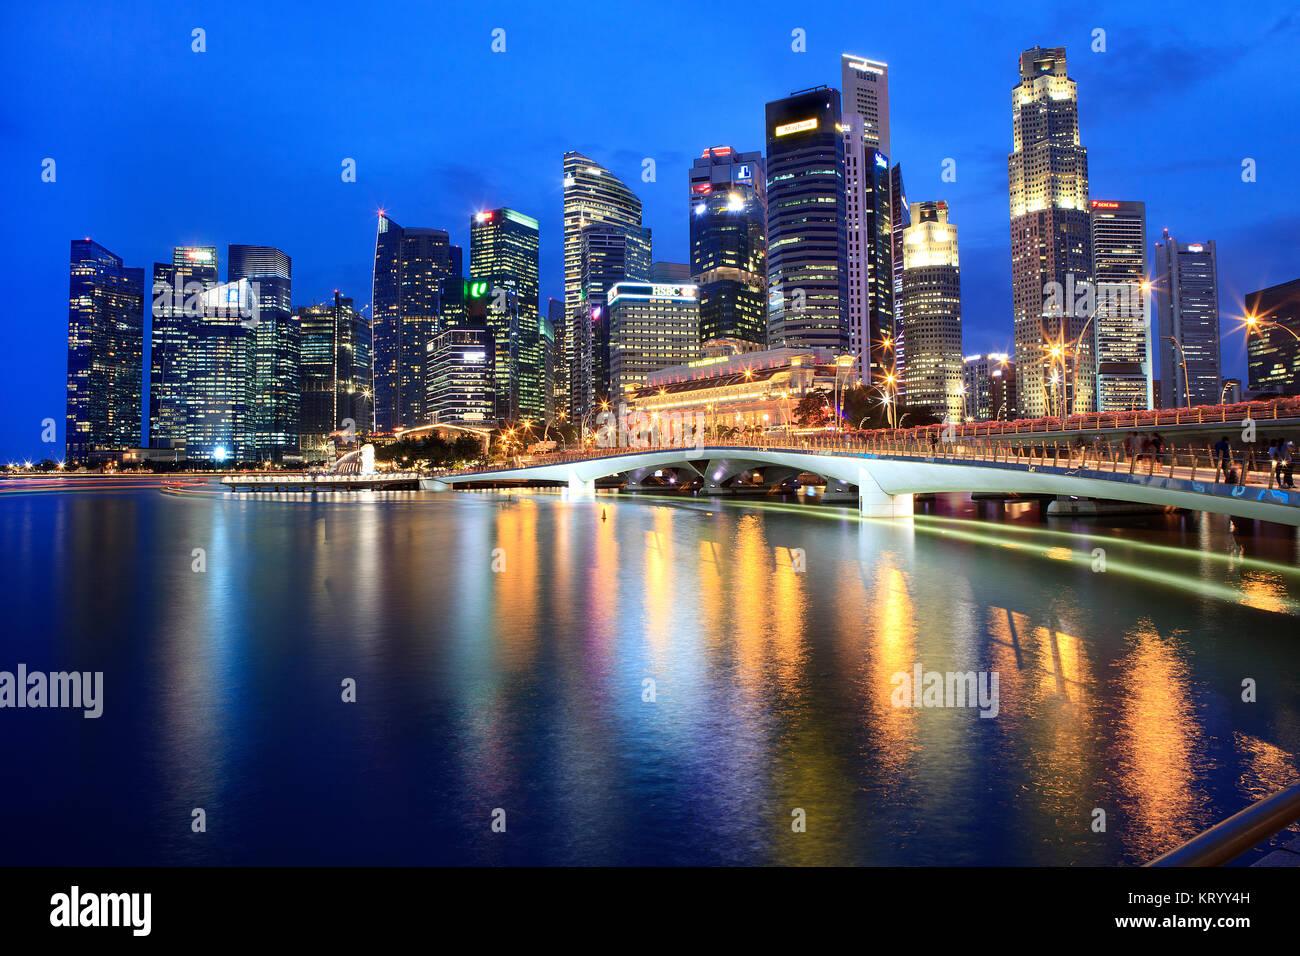 Singapore sky line - Stock Image